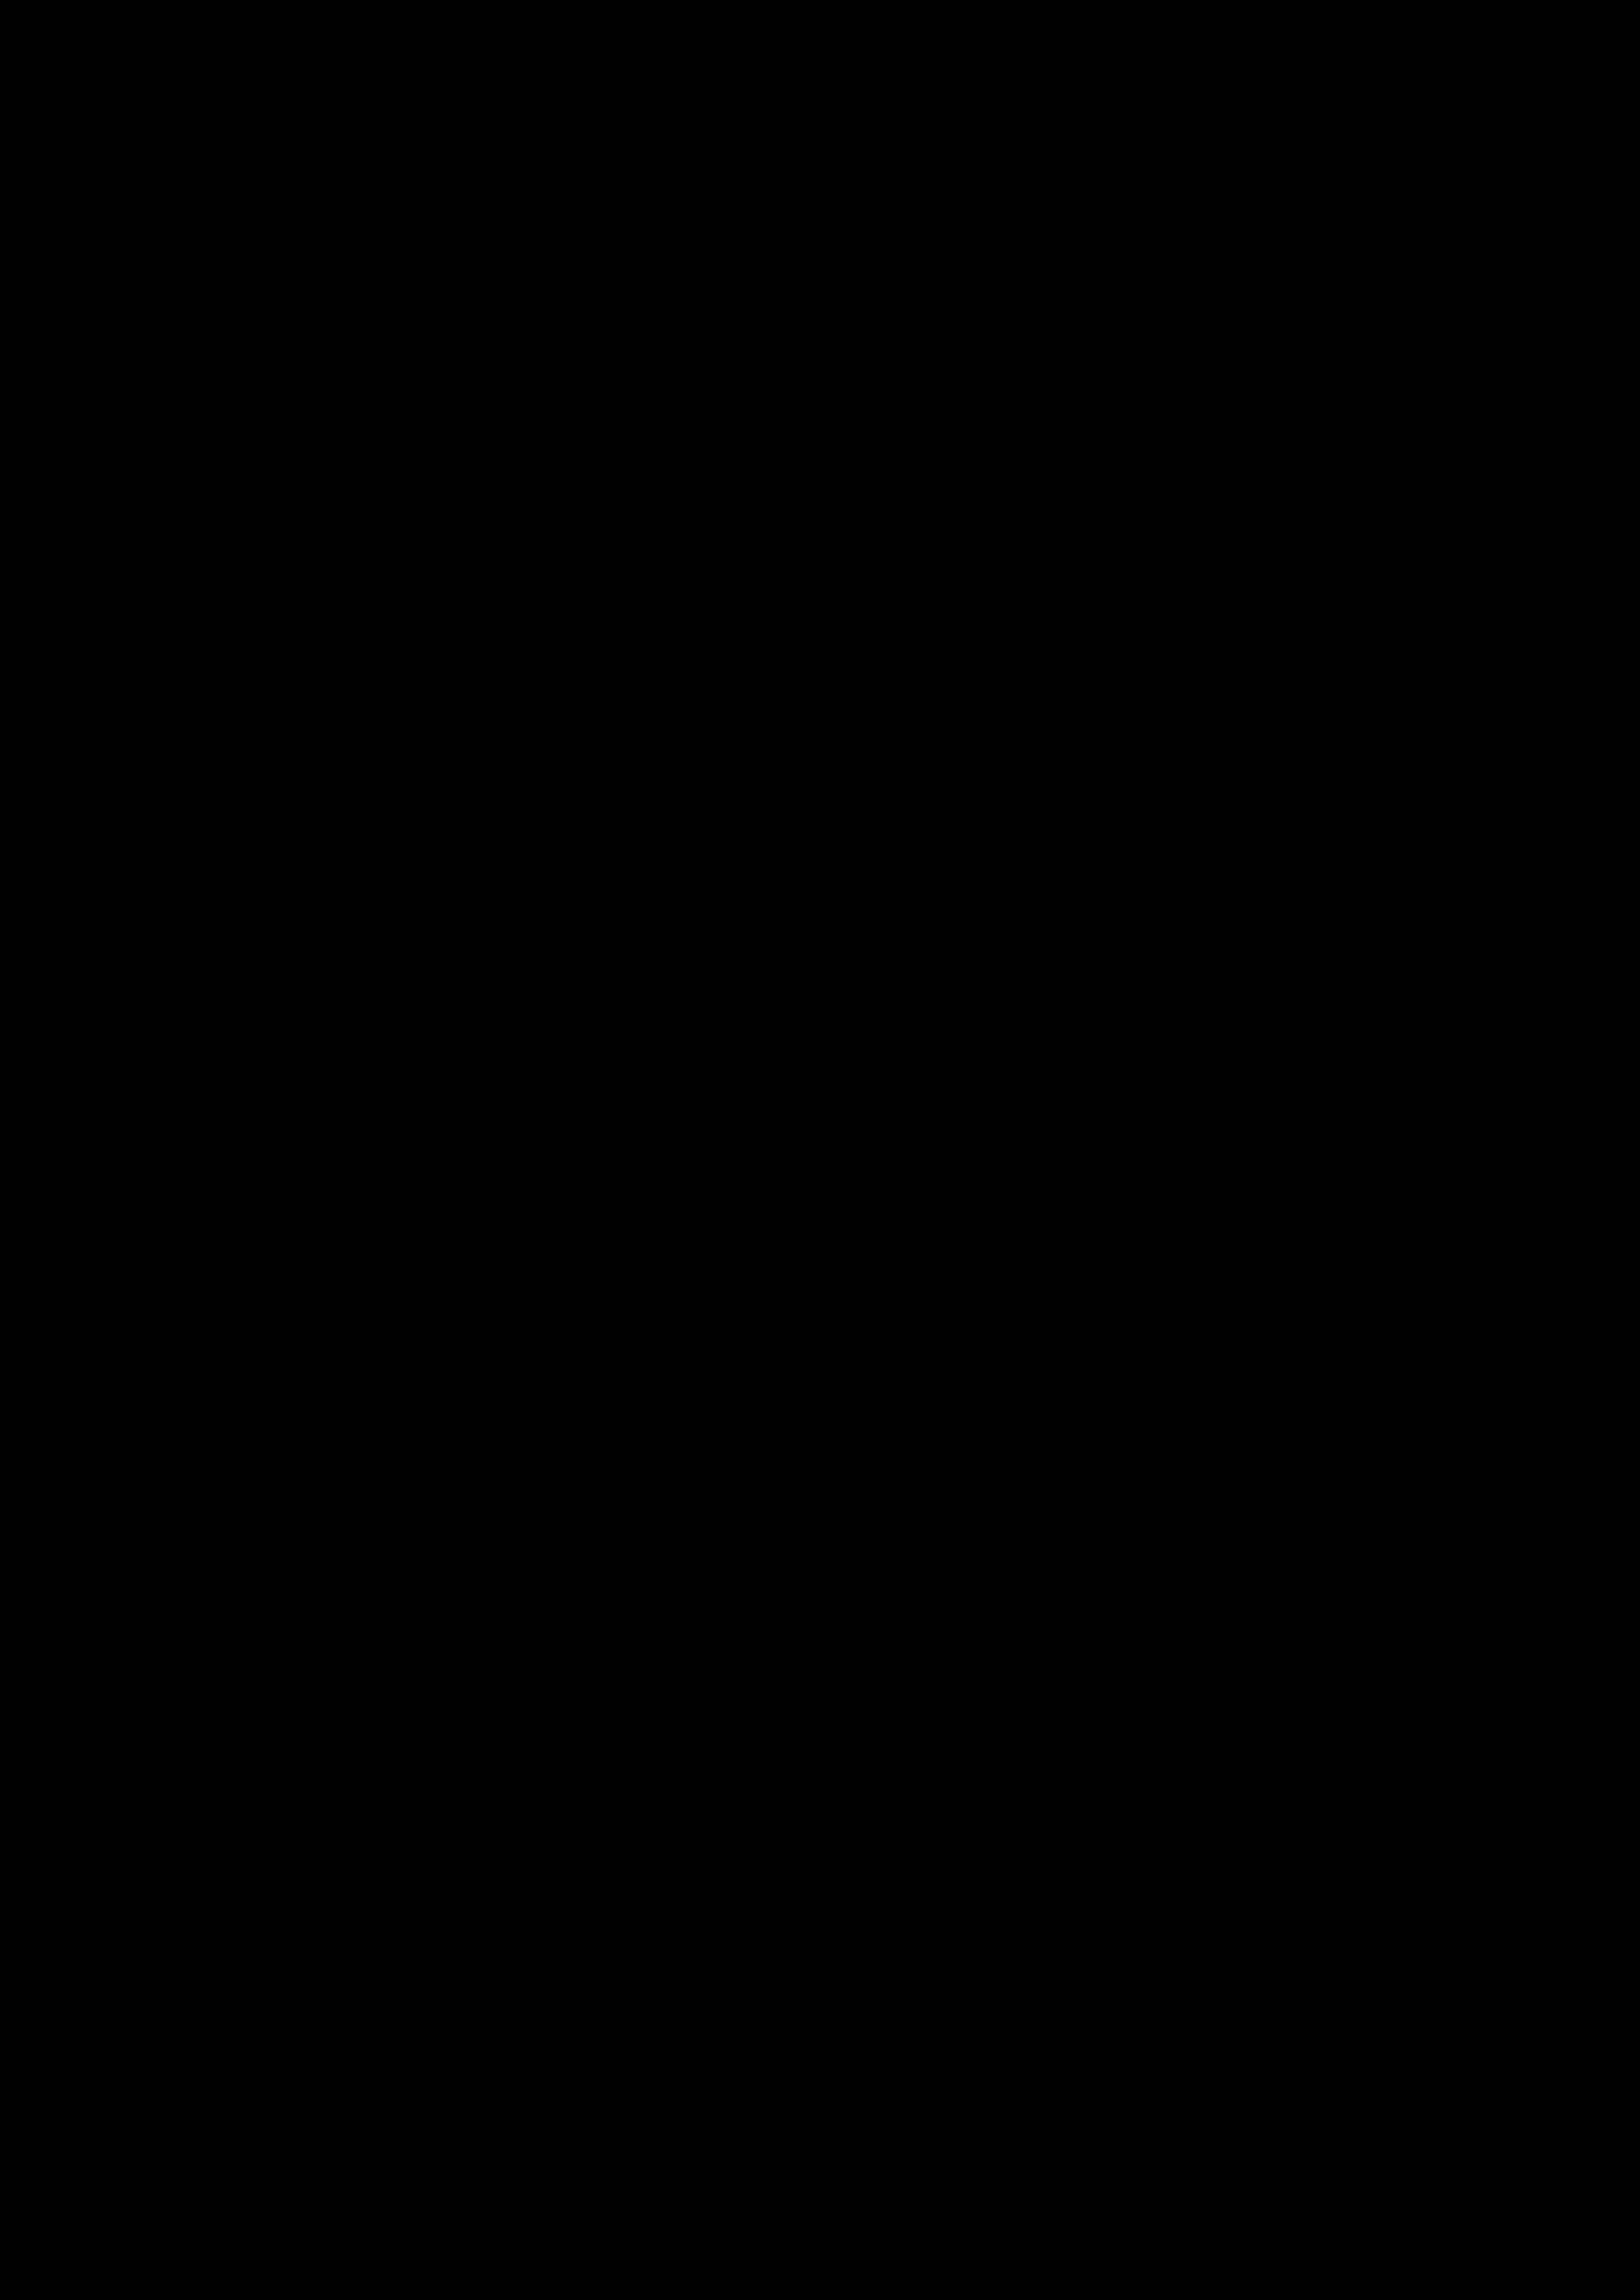 Karl Chu